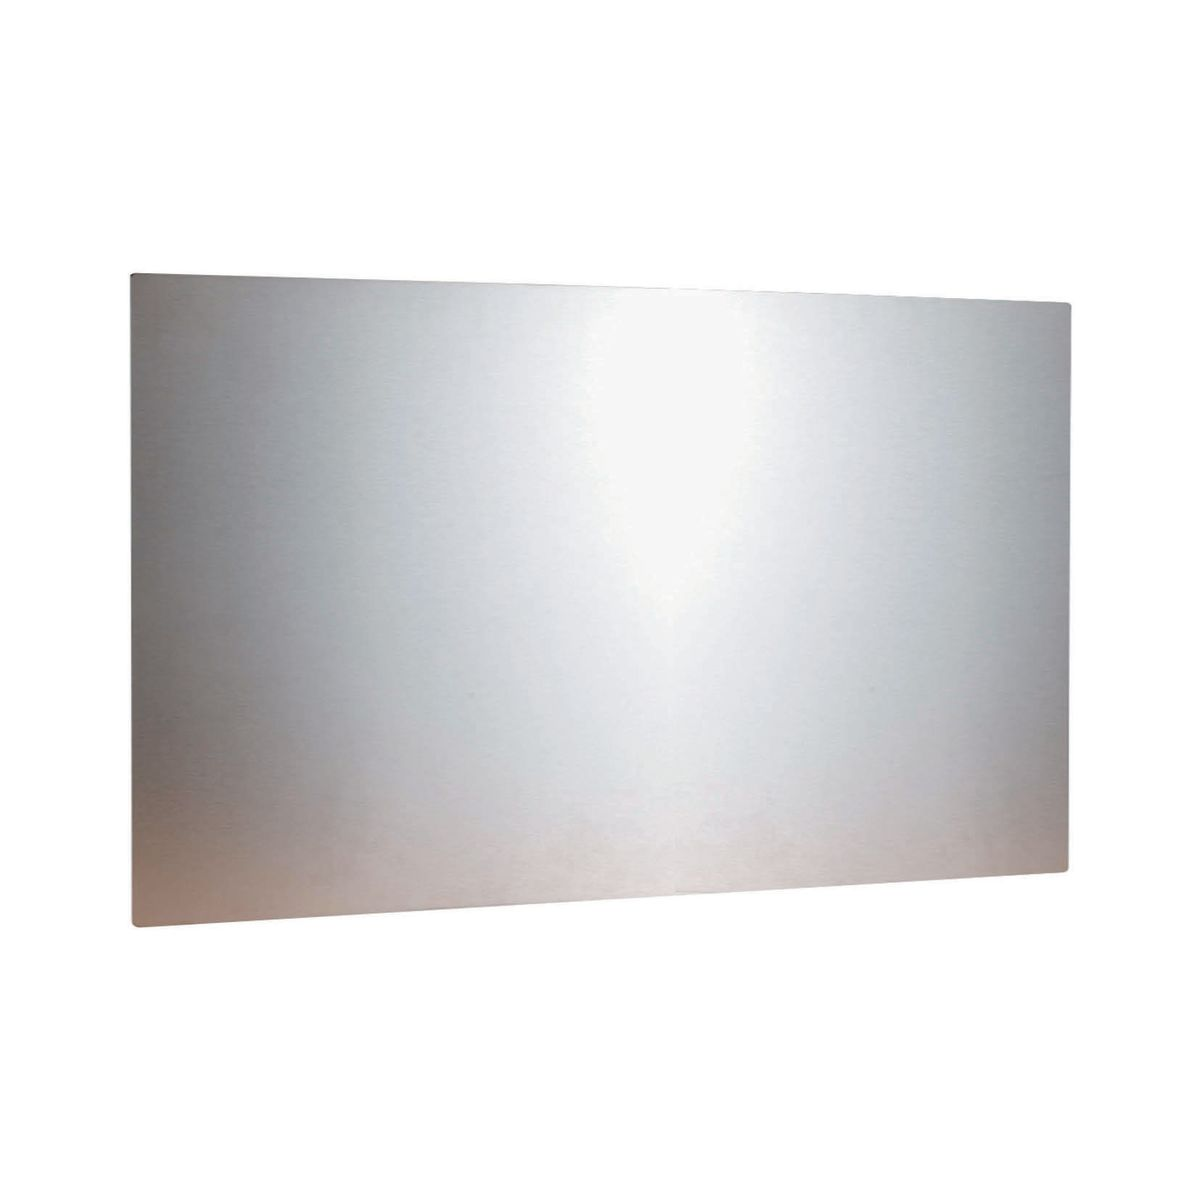 Pannello retrocucina acciaio inox l 90 x h 50 cm prezzi e for Leroy merlin copriwater